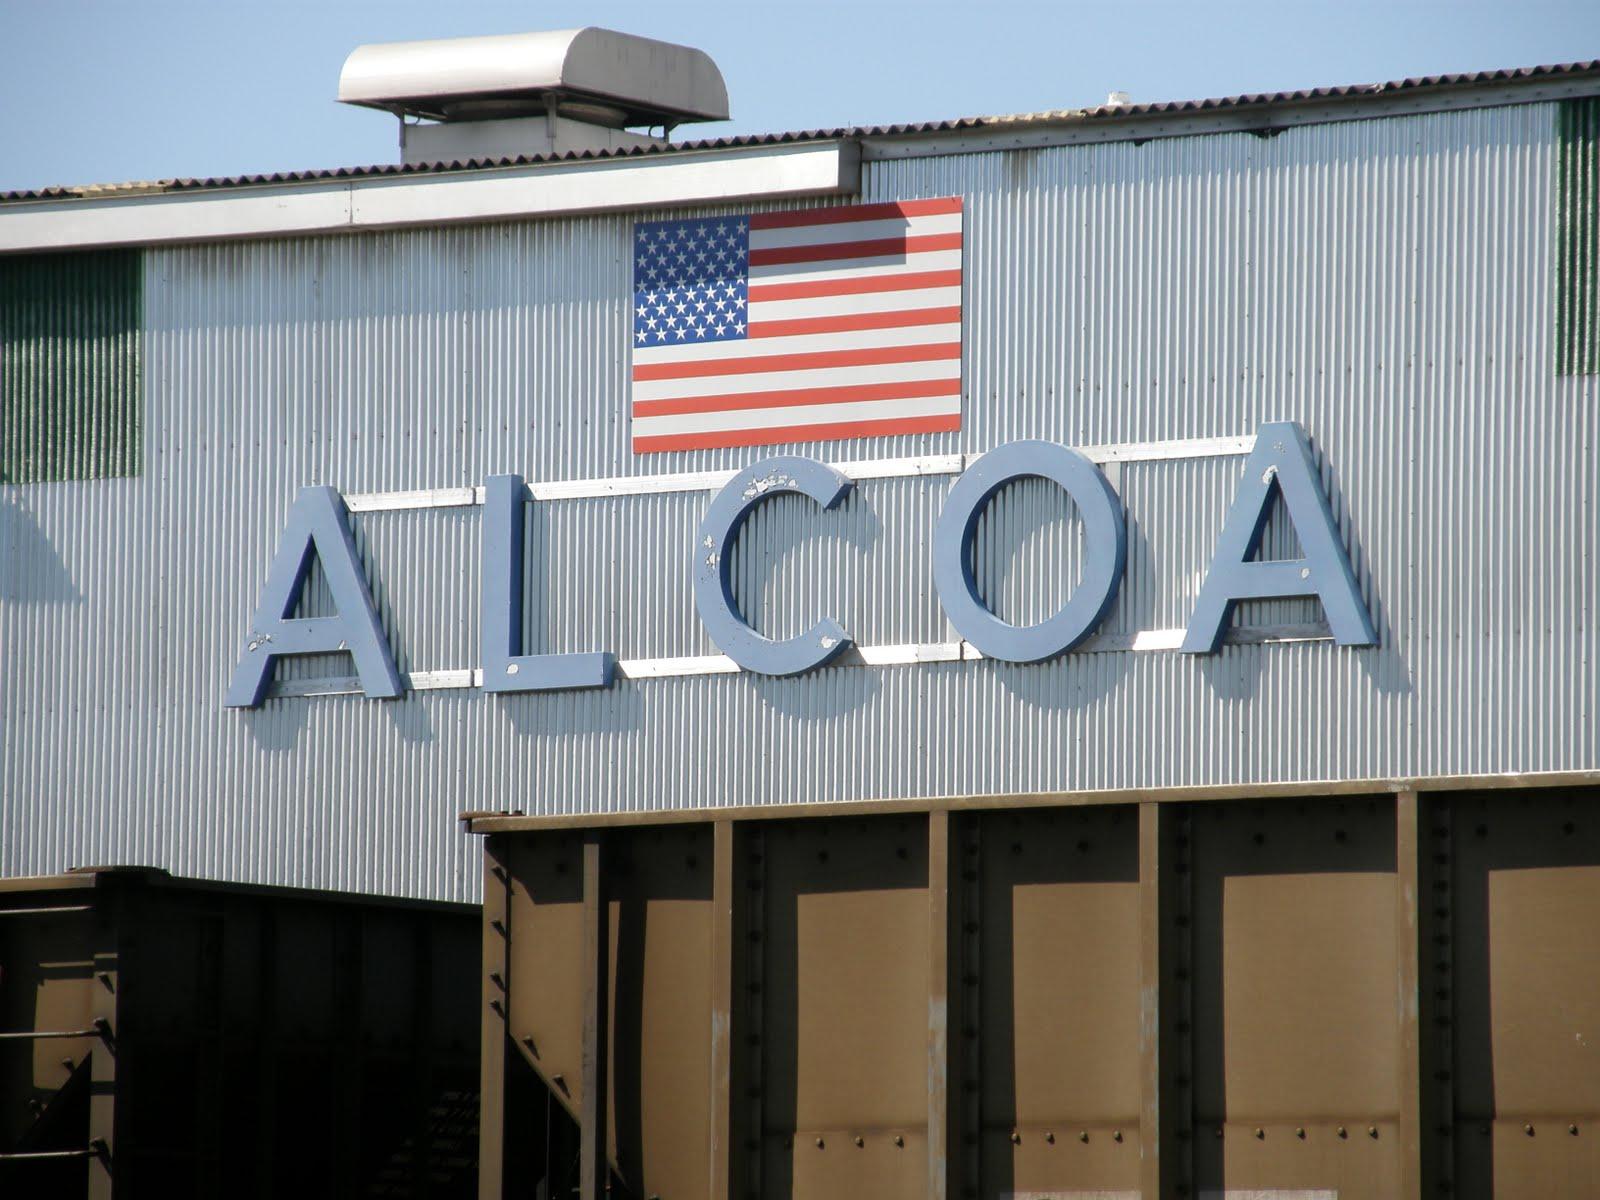 Alcoa-ի շահույթը 2014-ին կազմել է 268 մլն դոլար